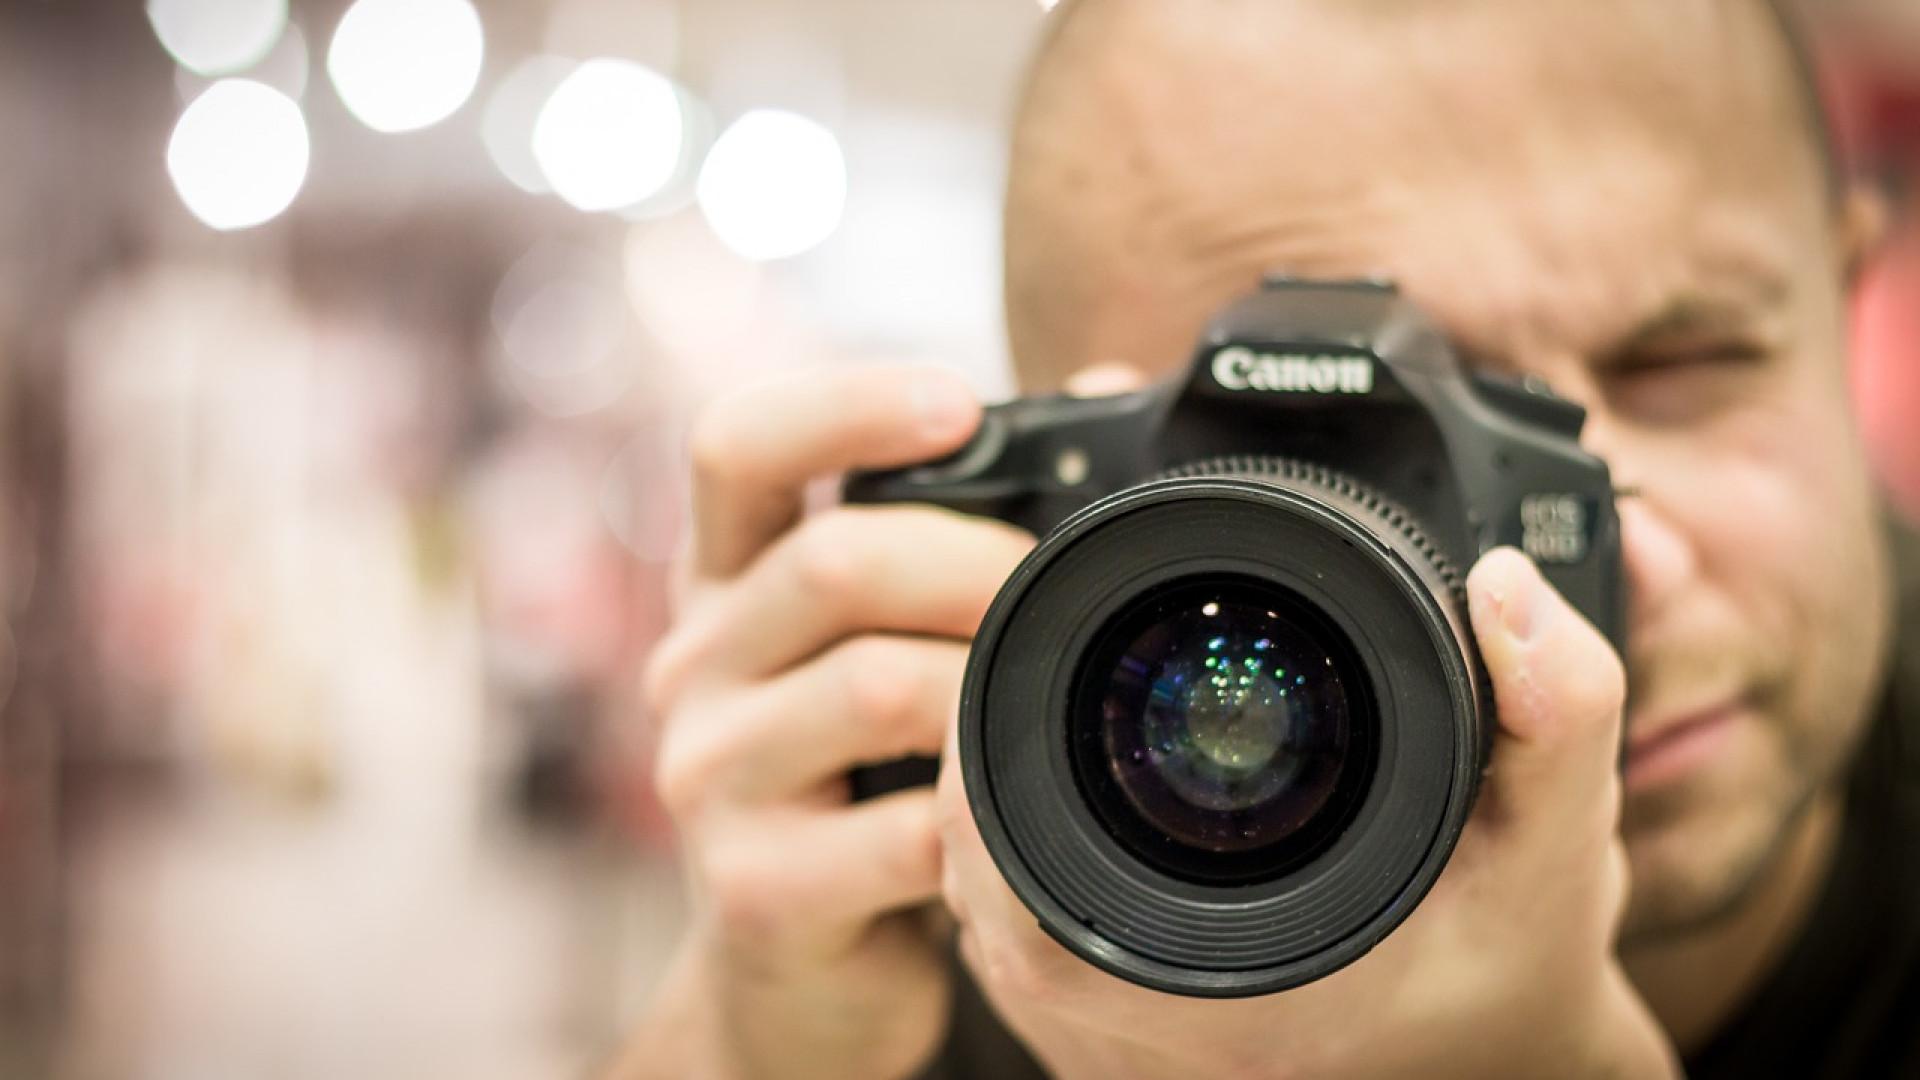 504537d2a02b0b3bee8574ee30558ab9 - Pourquoi faire appel à un photographe professionnel pour réaliser ses photos?